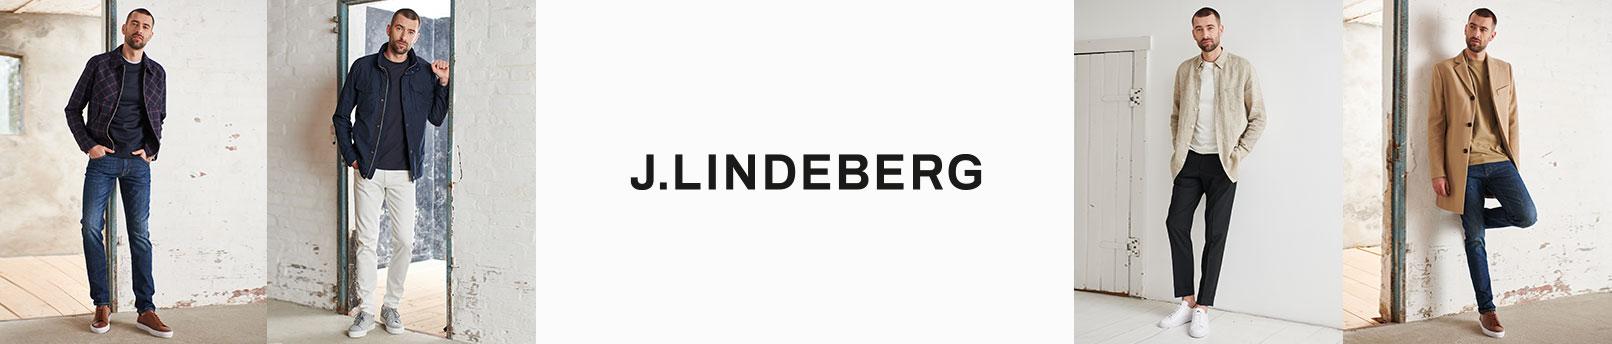 Shoppa J.LINDEBERG